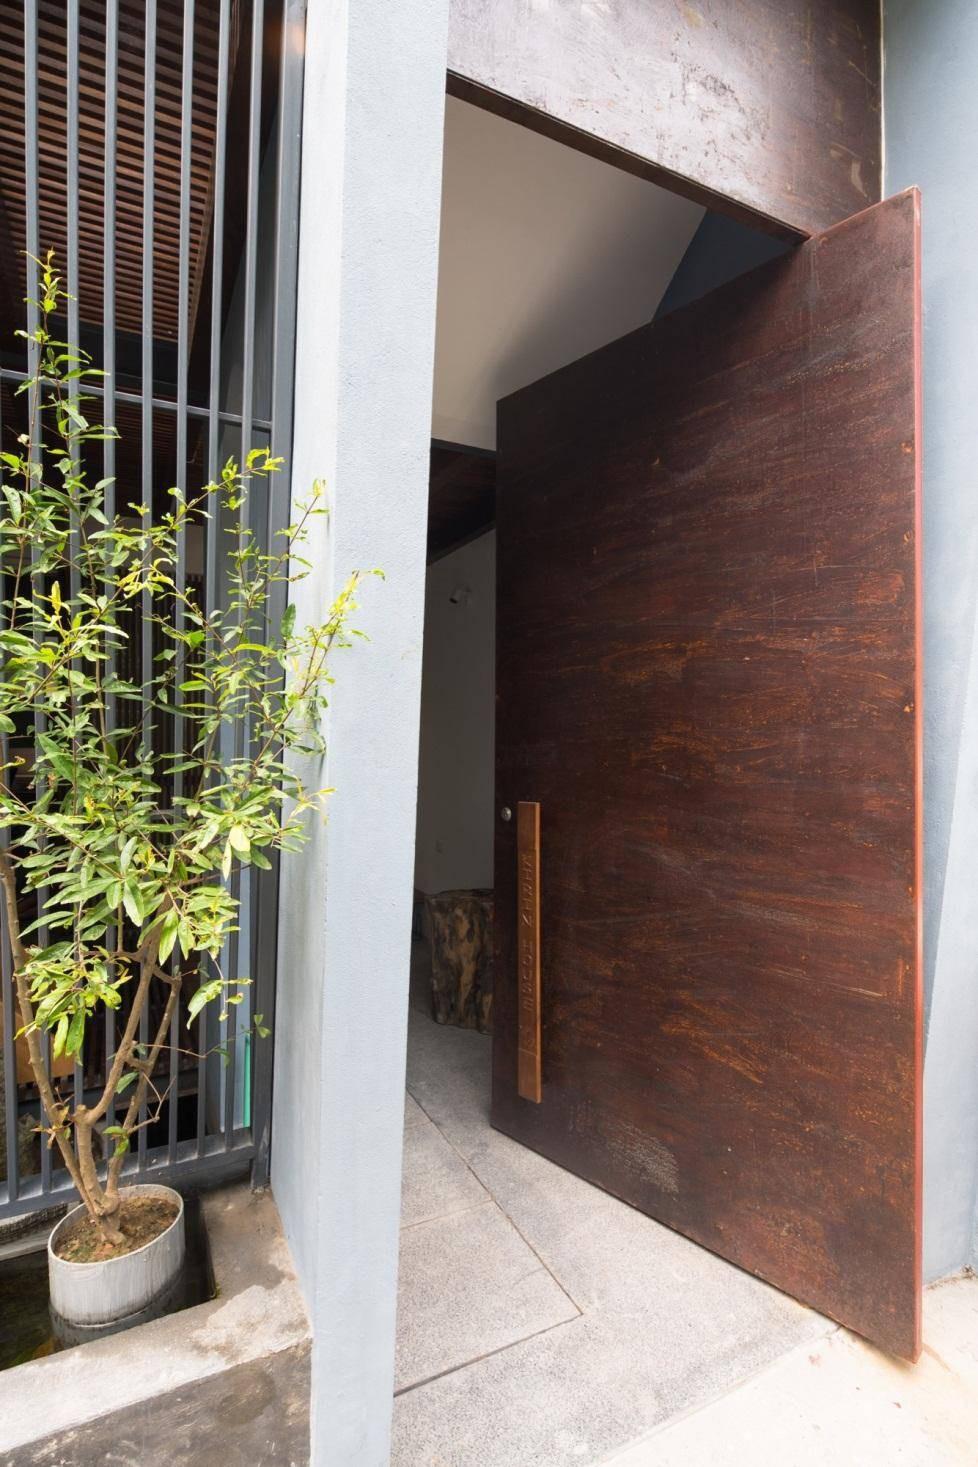 Ngôi nhà ống chỉ vỏn vẹn 36m² nhưng thoáng đẹp bất ngờ của gia đình có trẻ nhỏ ở Gia Lâm, Hà Nội - Ảnh 4